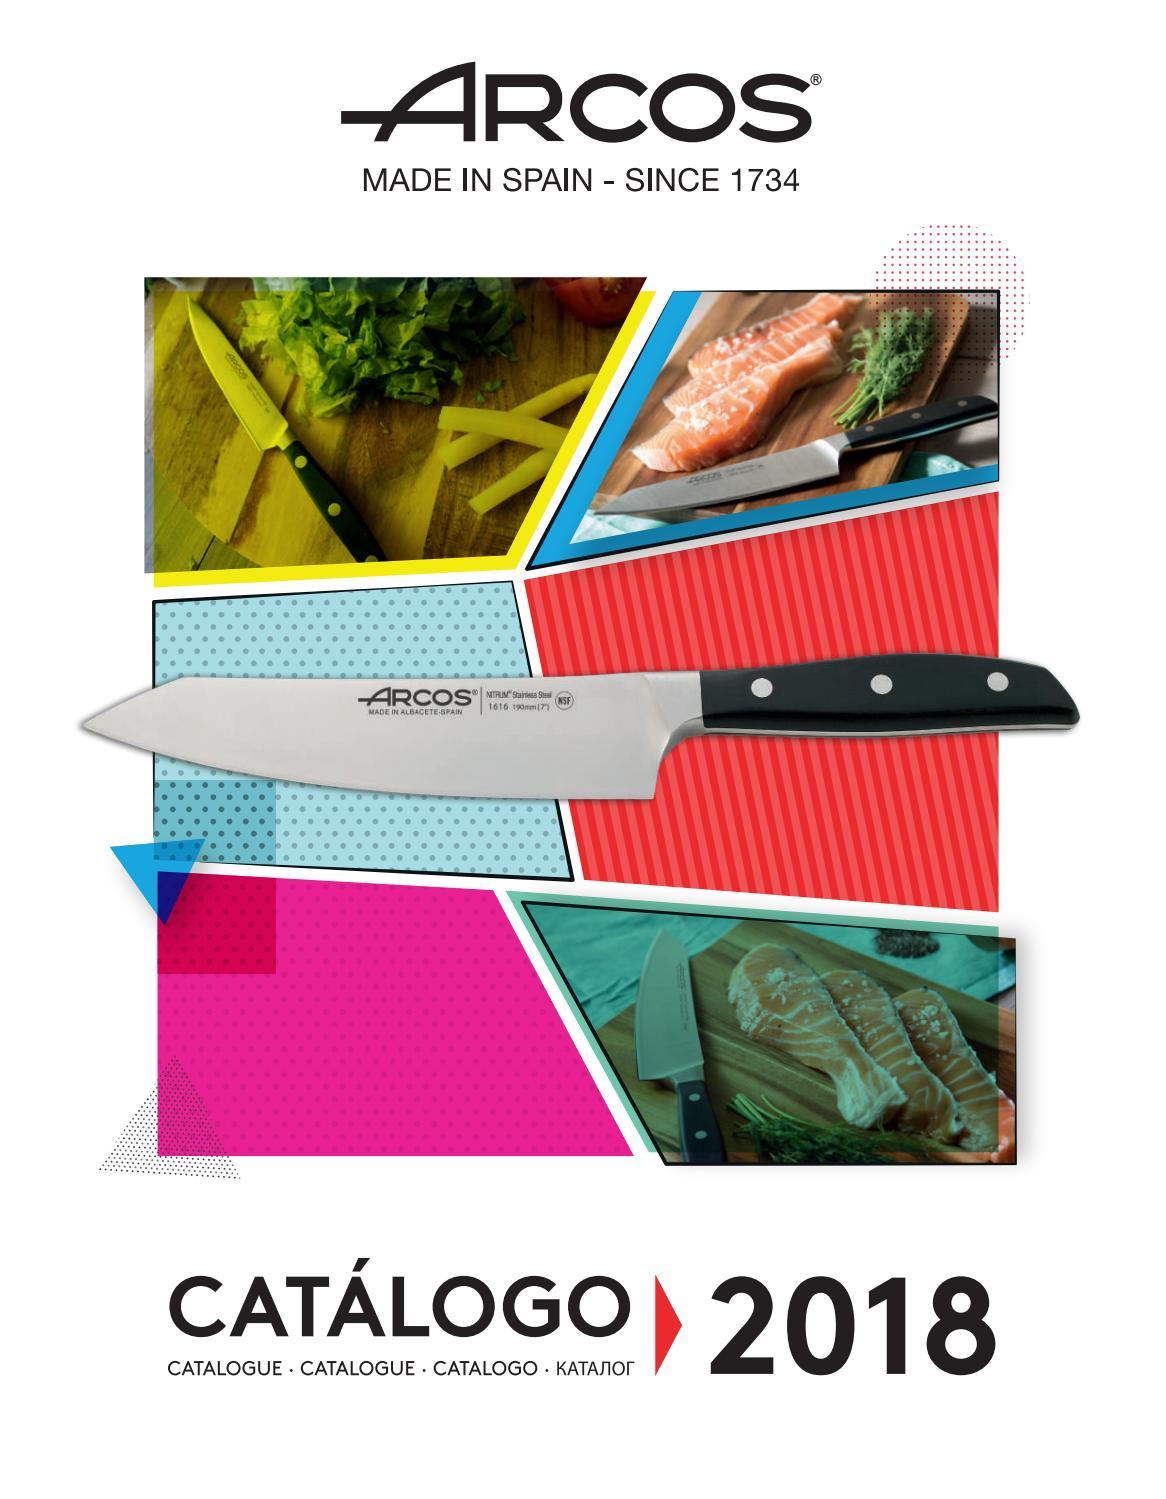 Cuchillo de cocina Arcos 2900 Prof  290423 de acero inoxidable Nitrum y mango